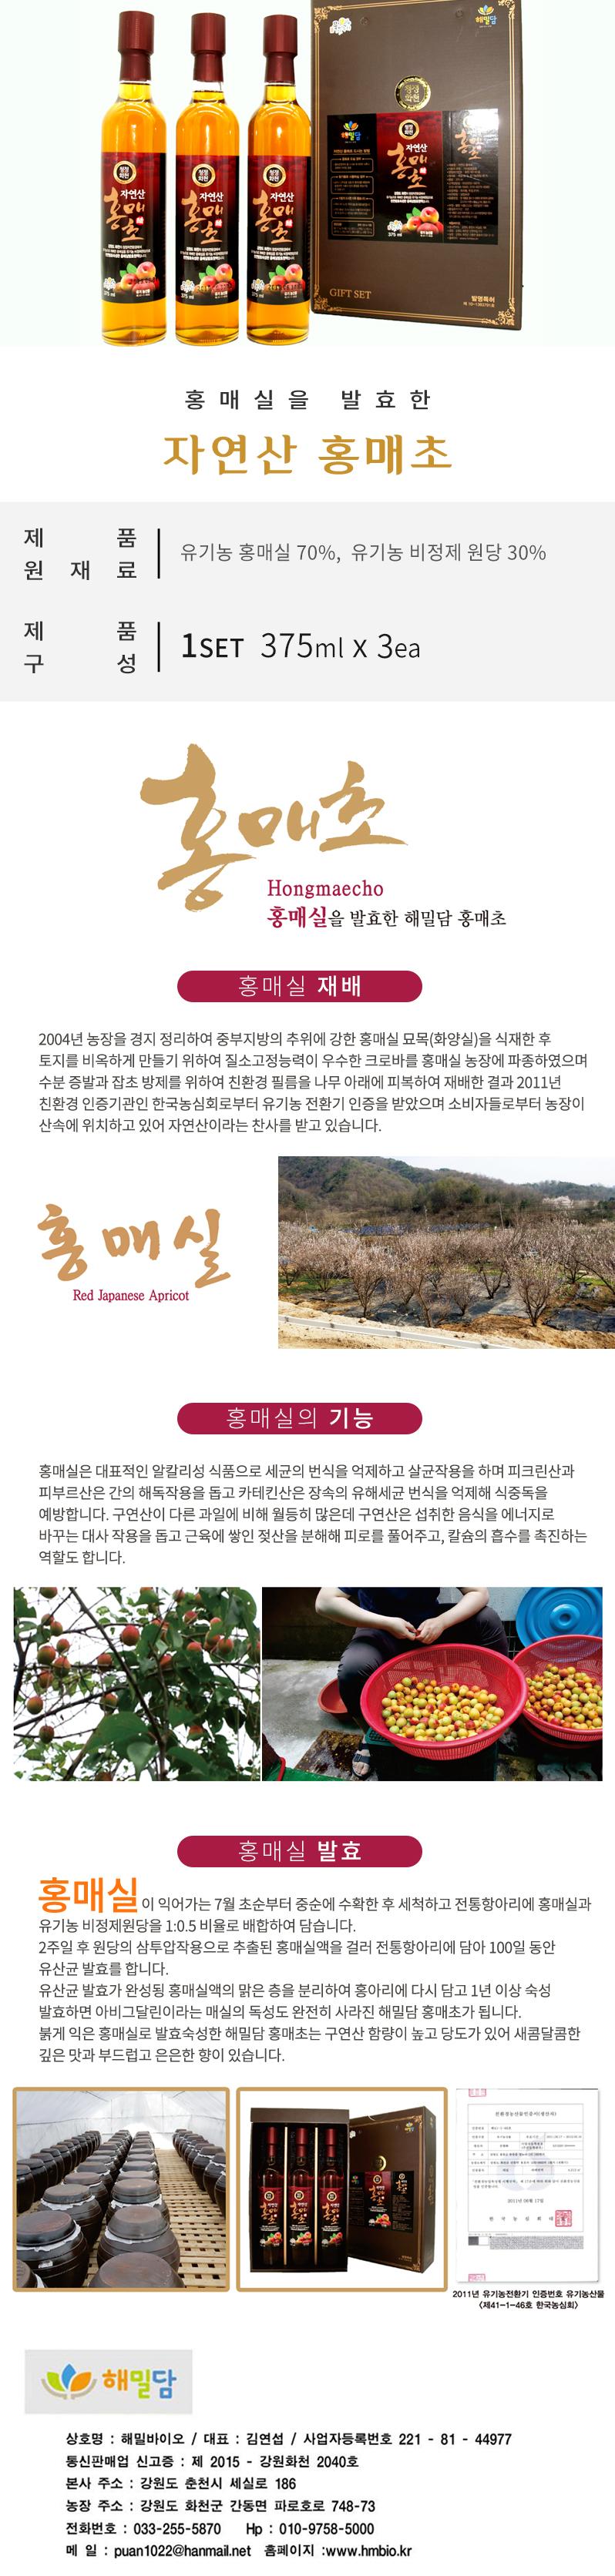 천연발효식초 홍매초 홍매실 새콤달콤 청